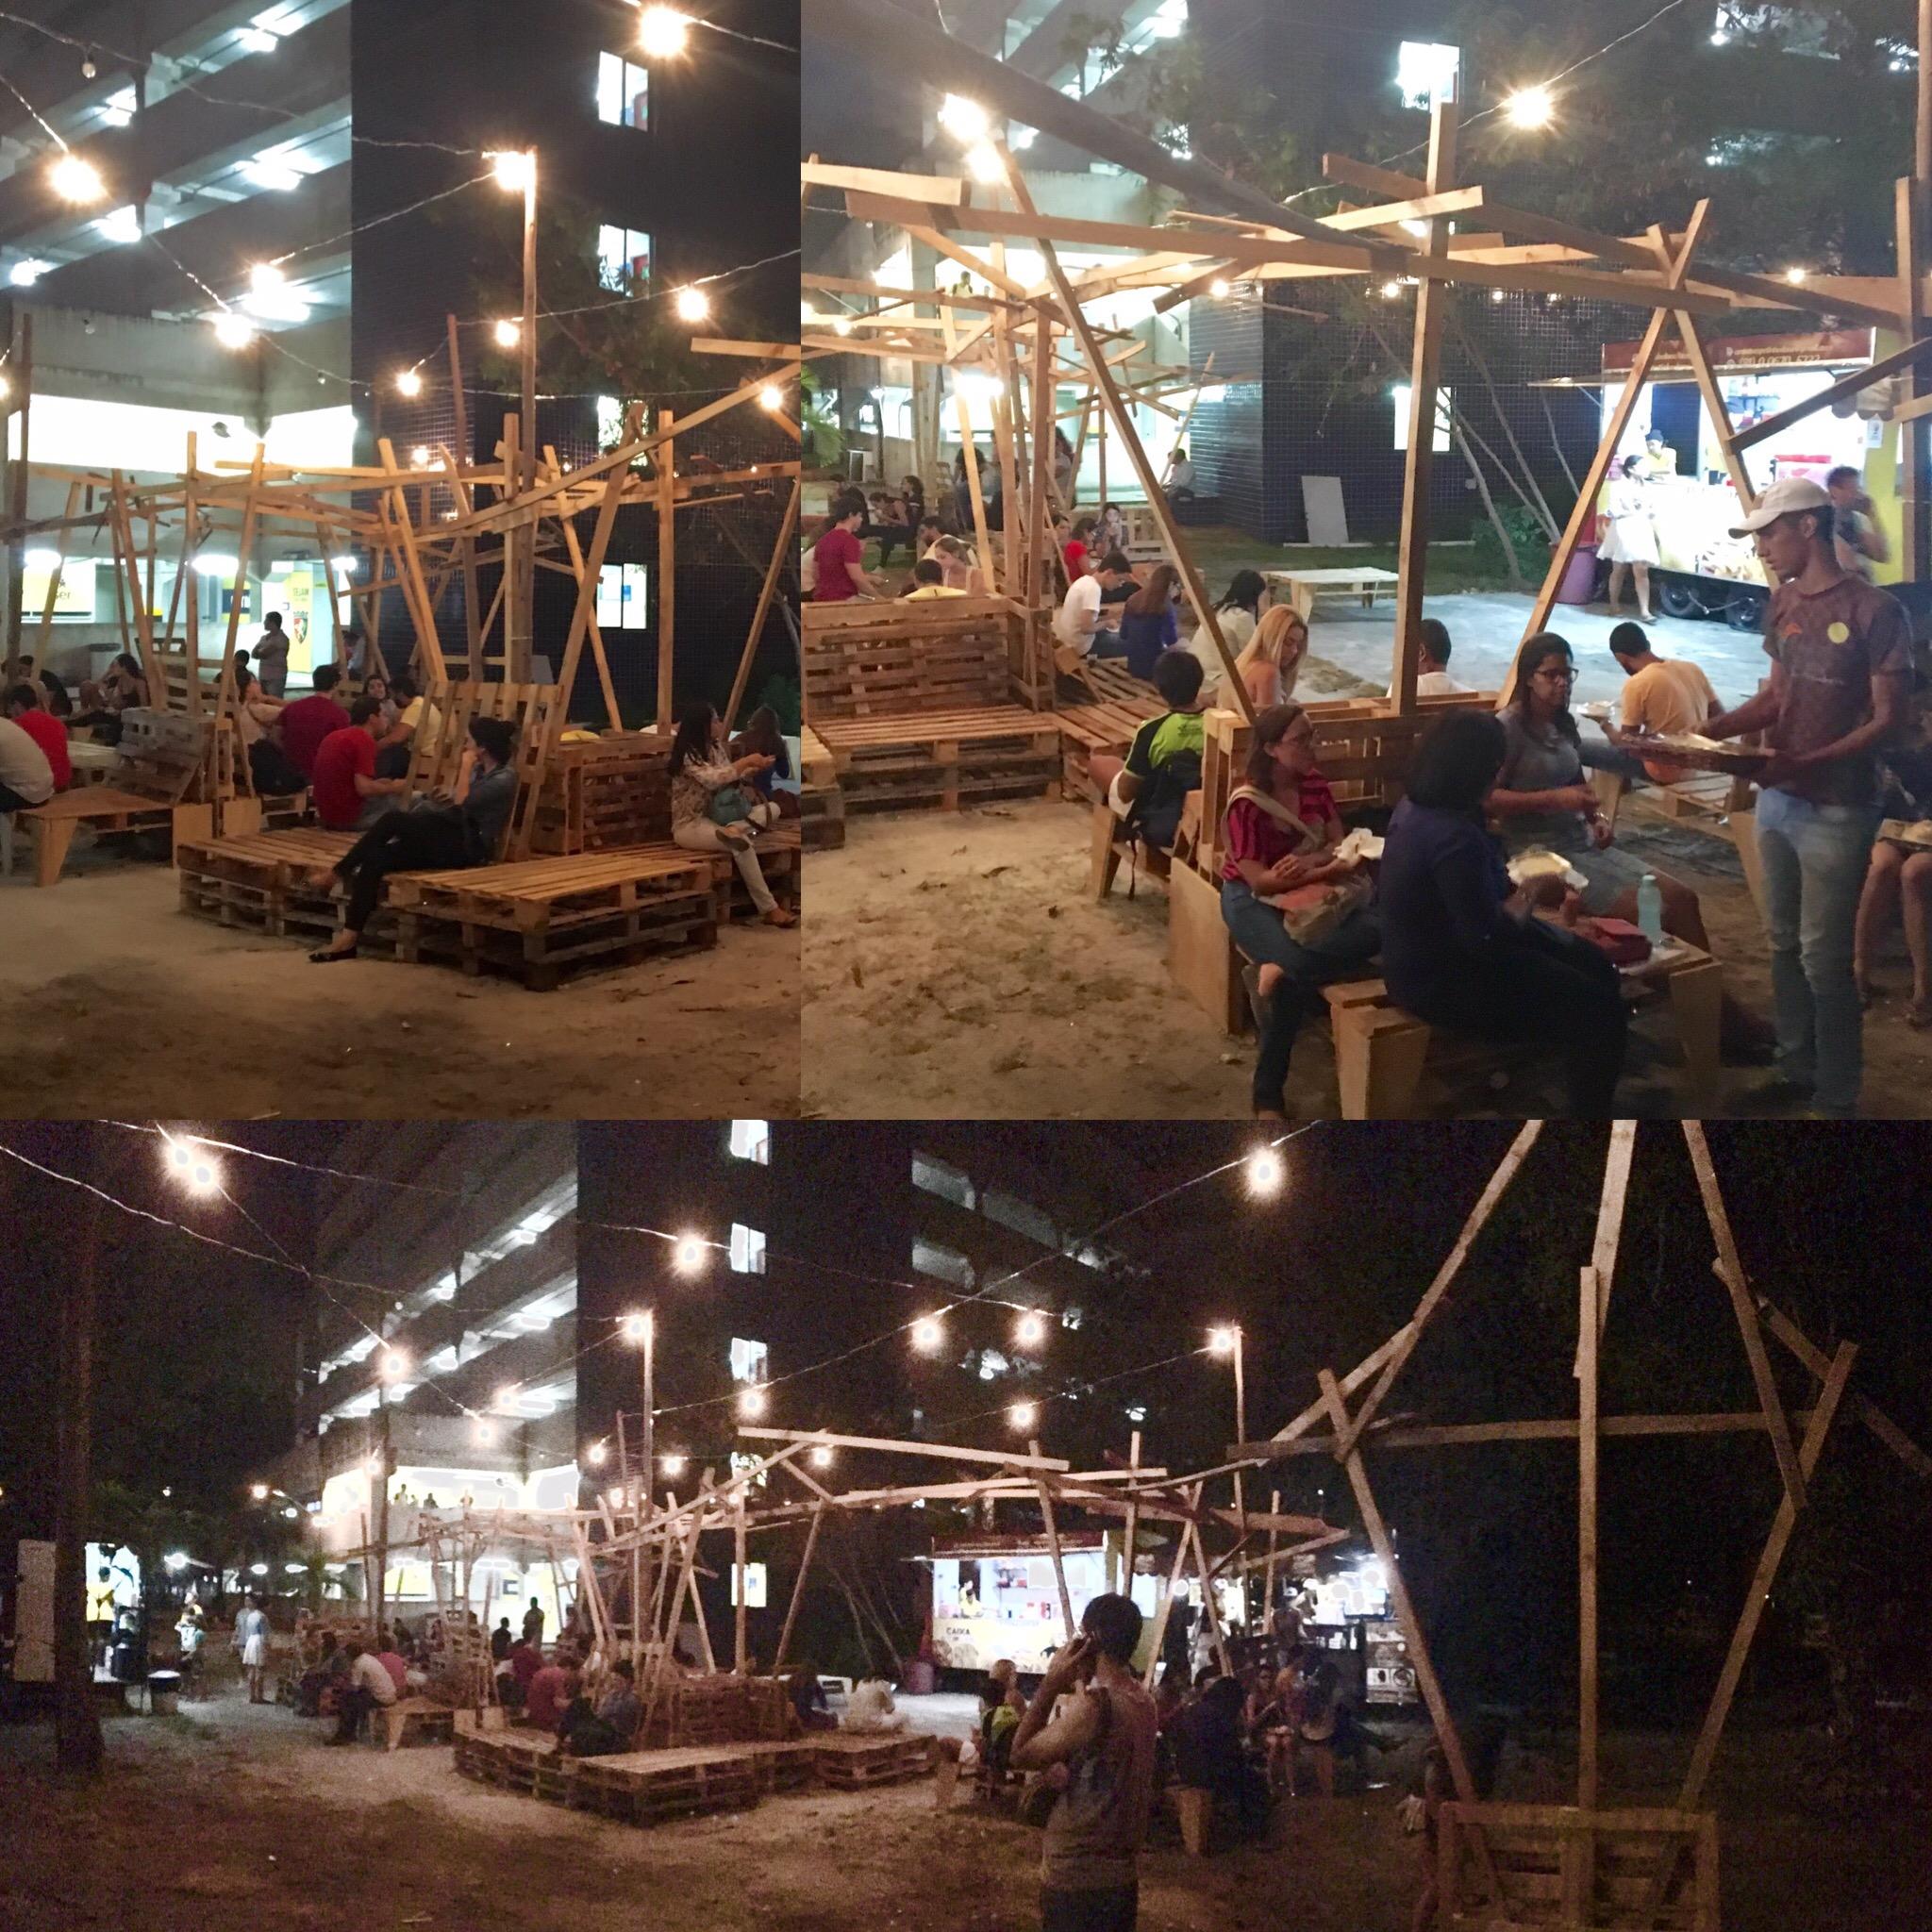 Mobiliário_temporário_para_o_projeto_Parque_CapibaribeIMG_6150_credito_Ursula_Troncoso_(1)